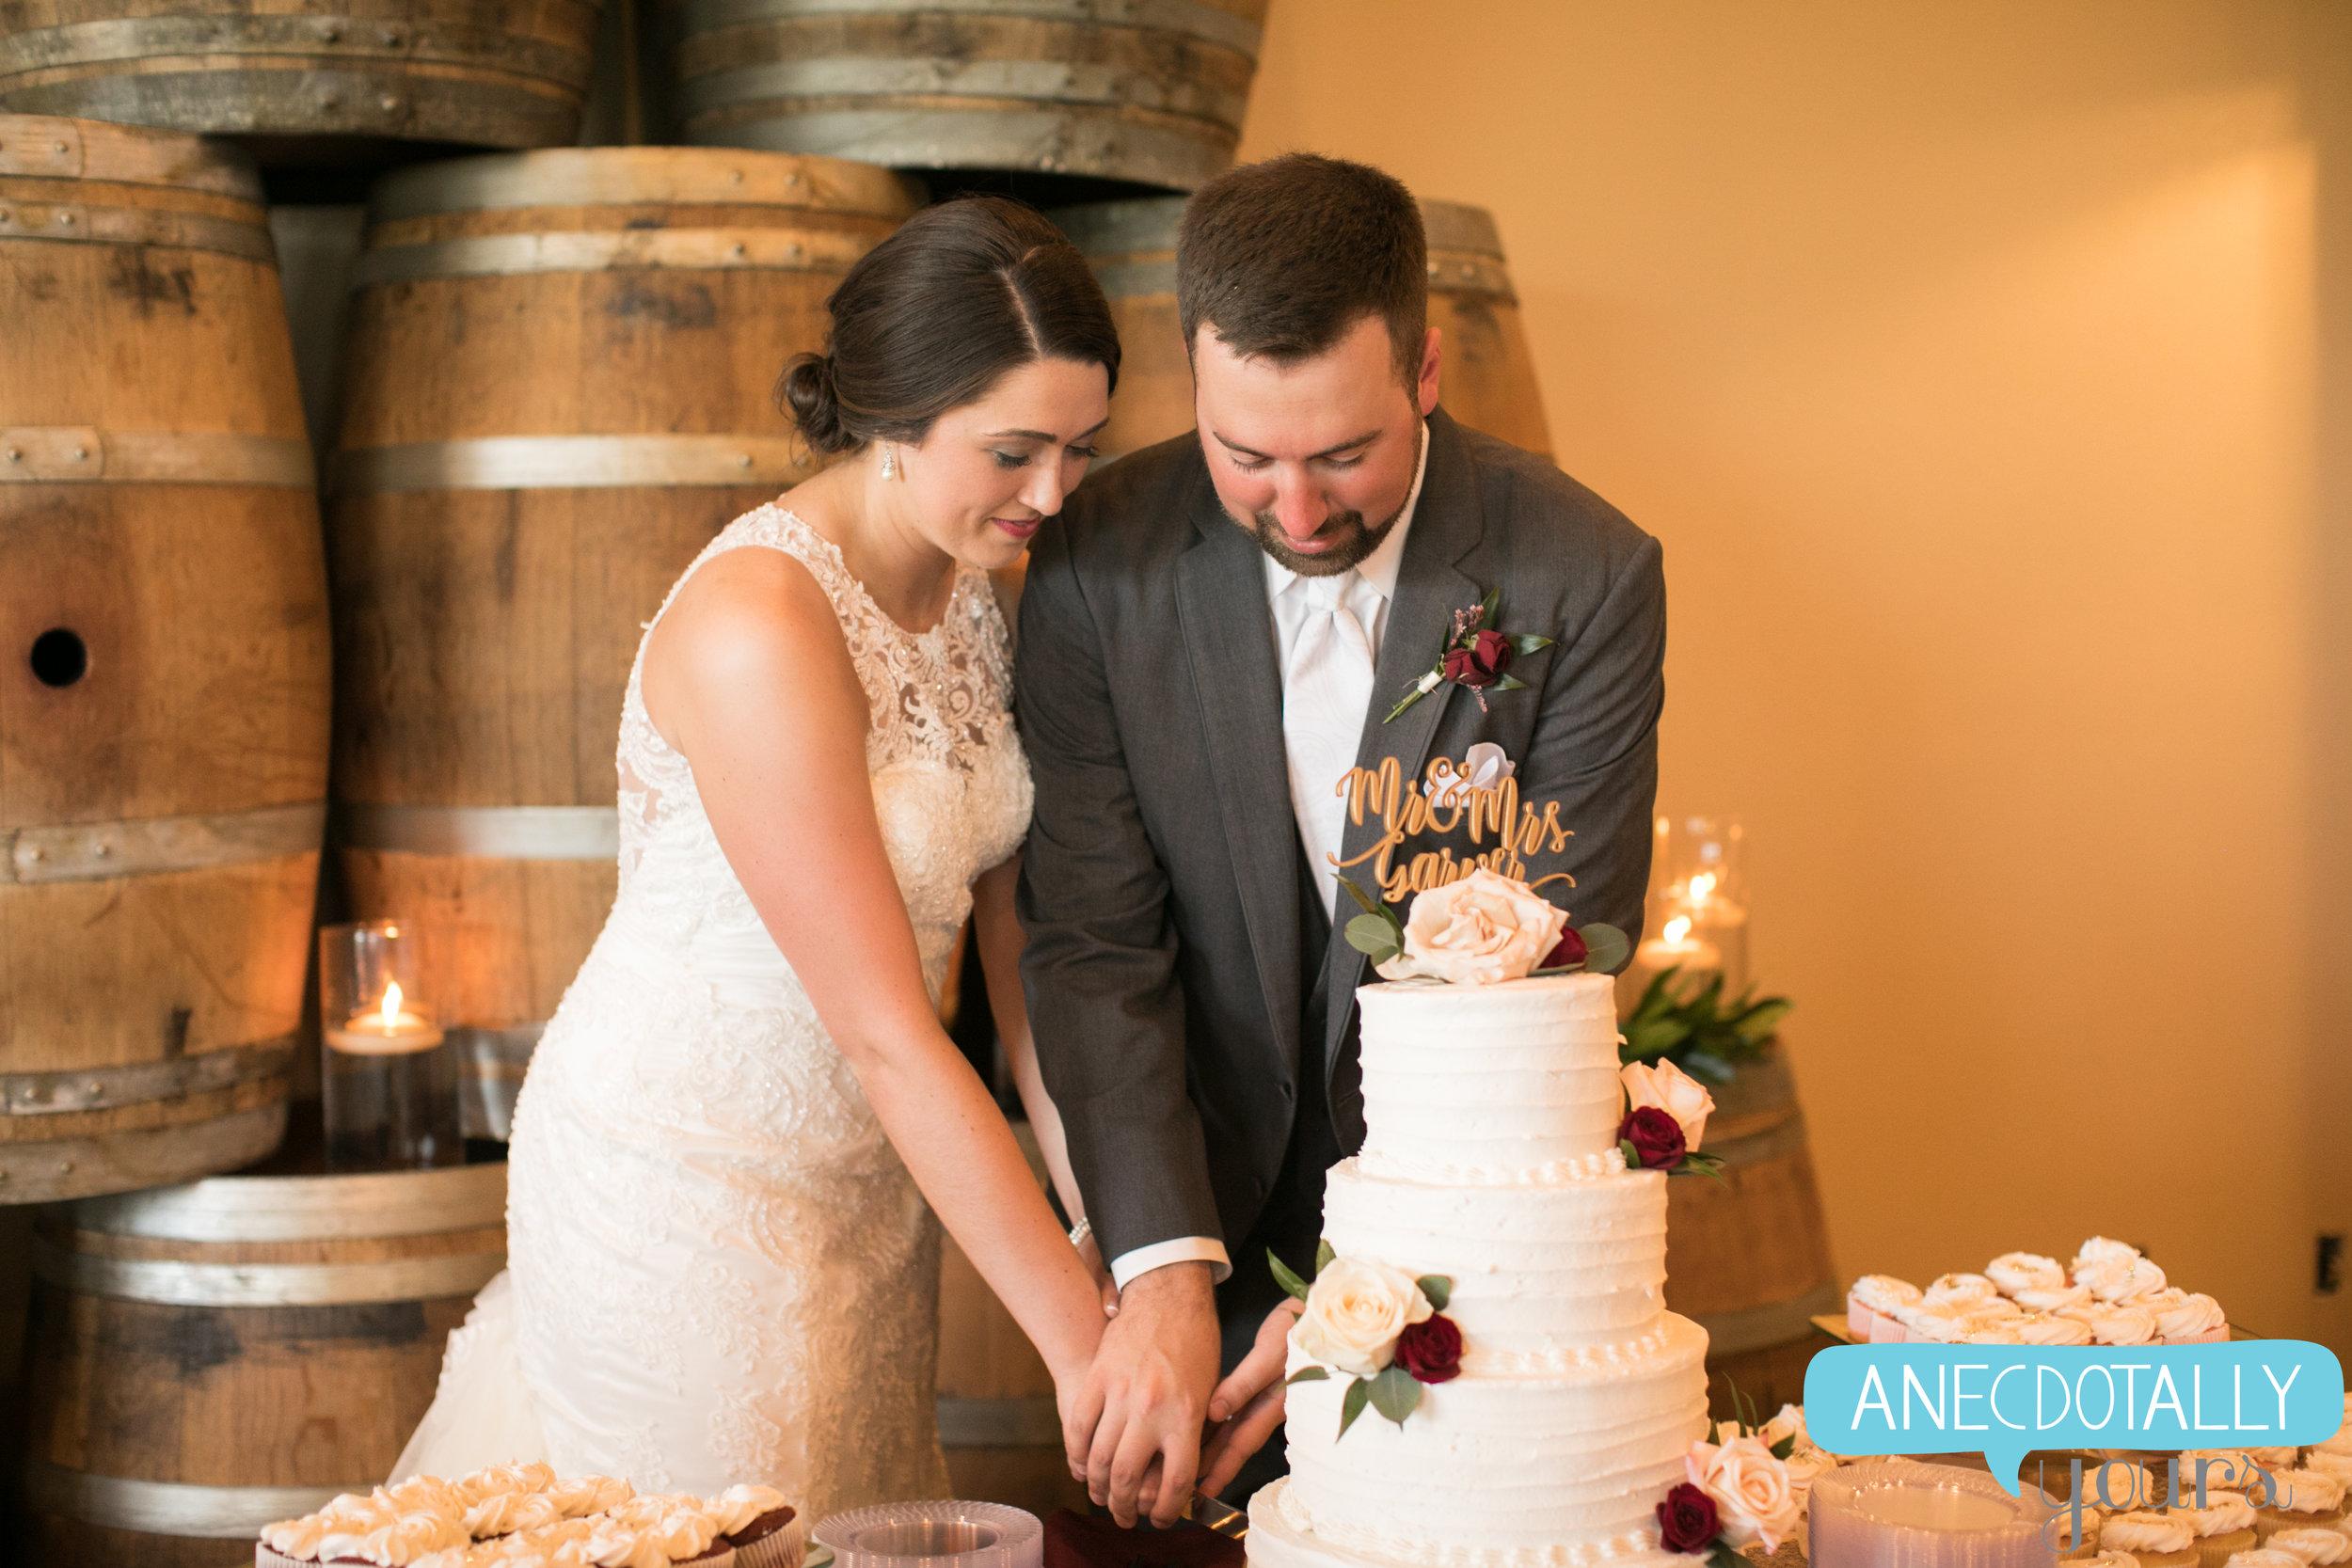 ashley-bryce-wedding-65.jpg